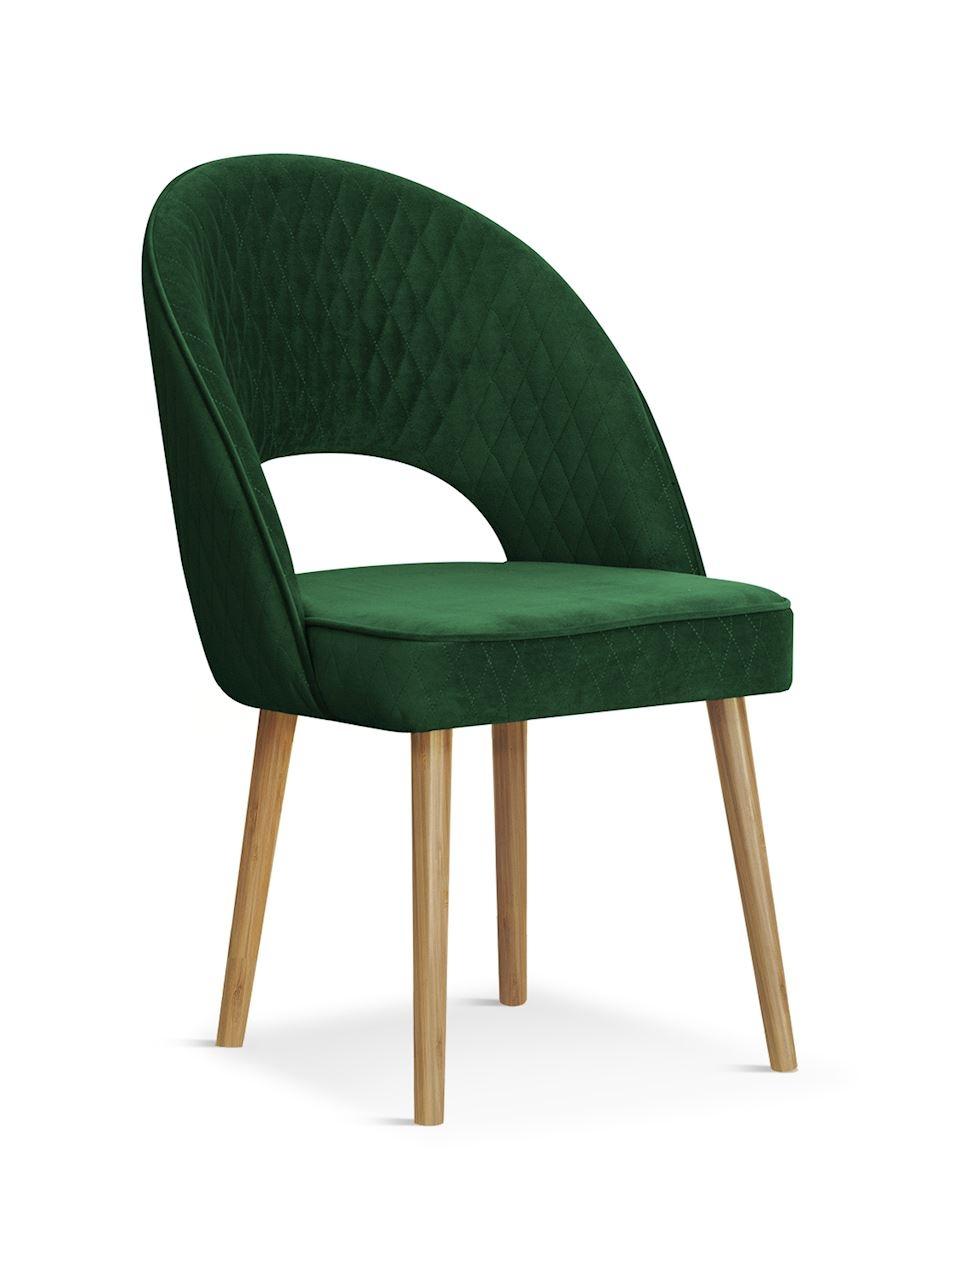 Scaun tapitat cu stofa, cu picioare din lemn Ponte Green / Oak, l56xA63xH89 cm